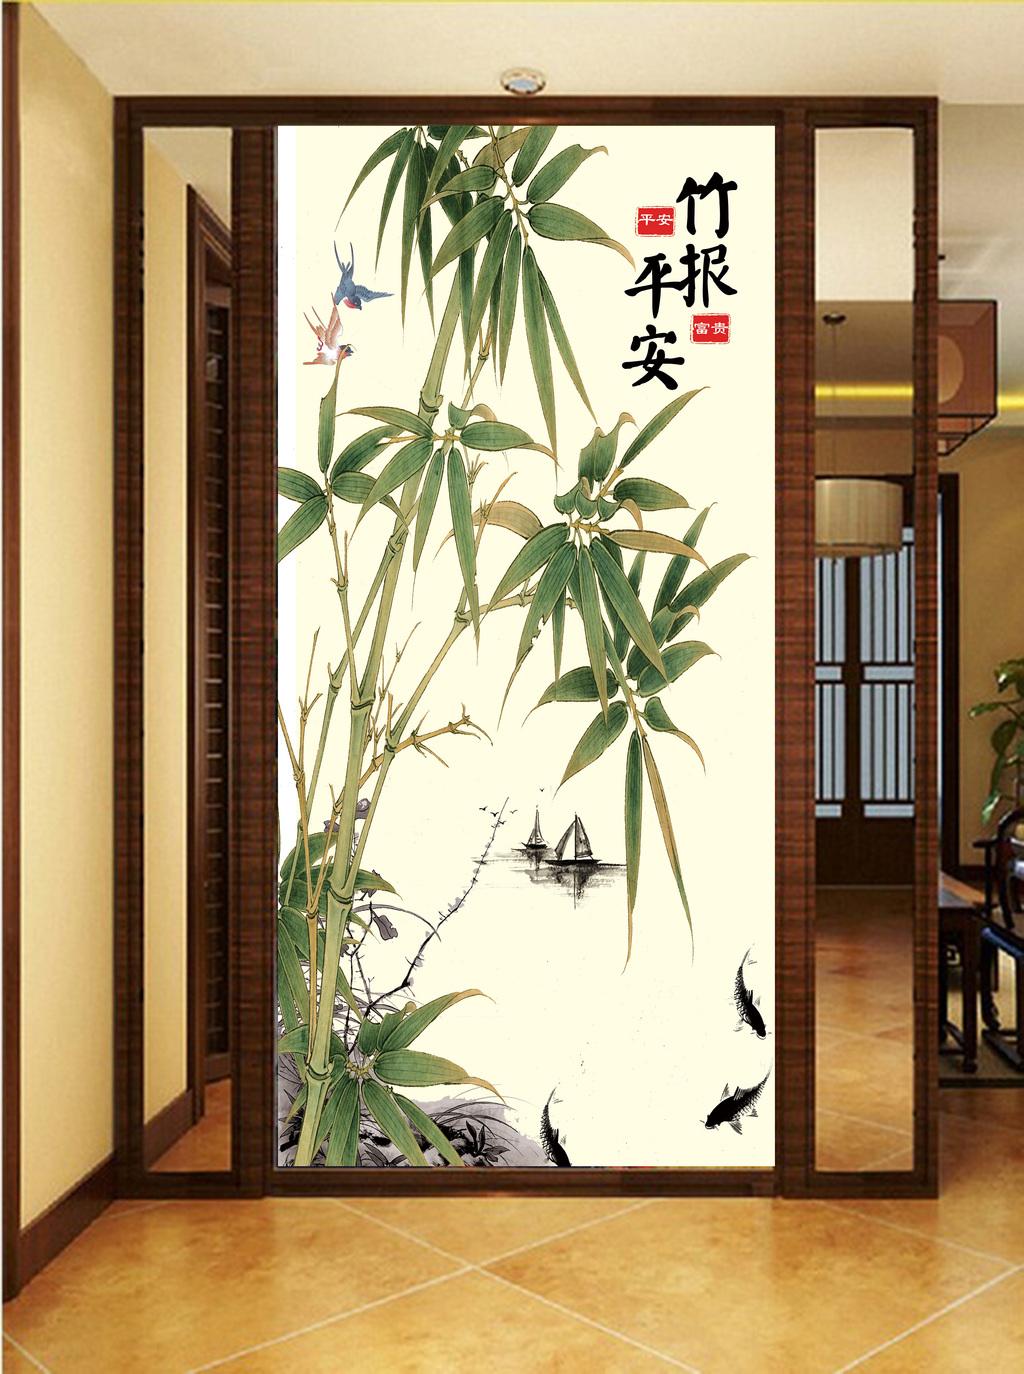 中式水墨竹子玄关图背景墙竹报平安